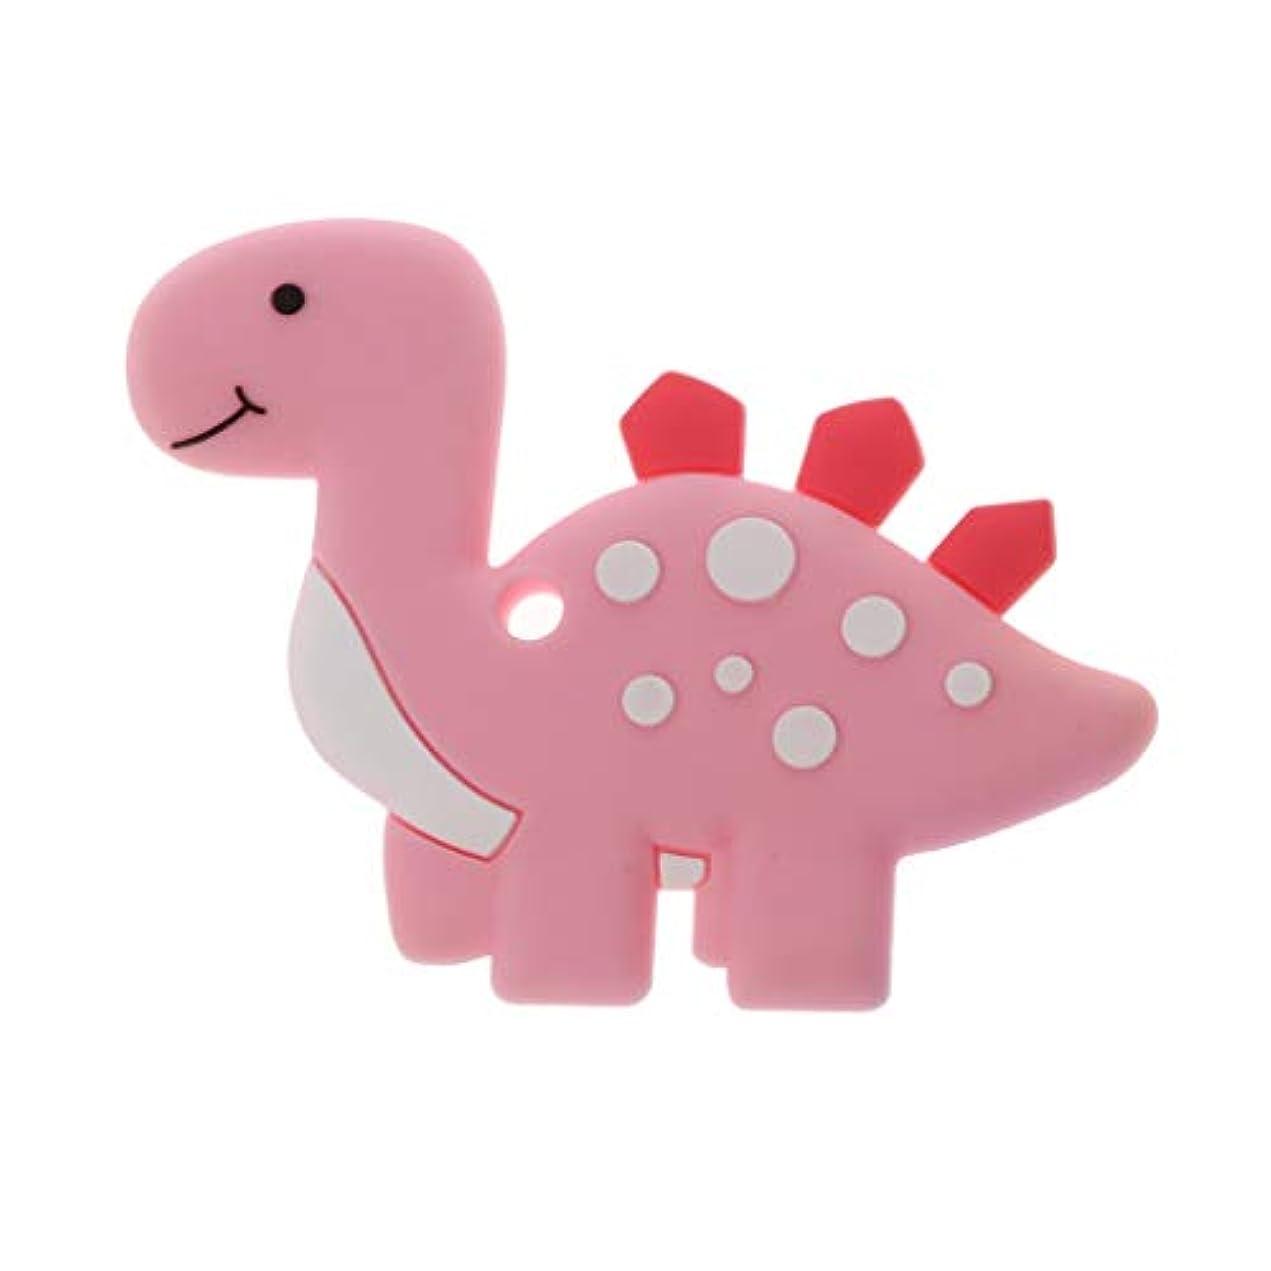 ヘビ学者再びLanddumシリコーンおしゃぶり恐竜おしゃべり赤ちゃん看護玩具かむ玩具歯が生えるガラガラおもちゃ - ロイヤルブルー